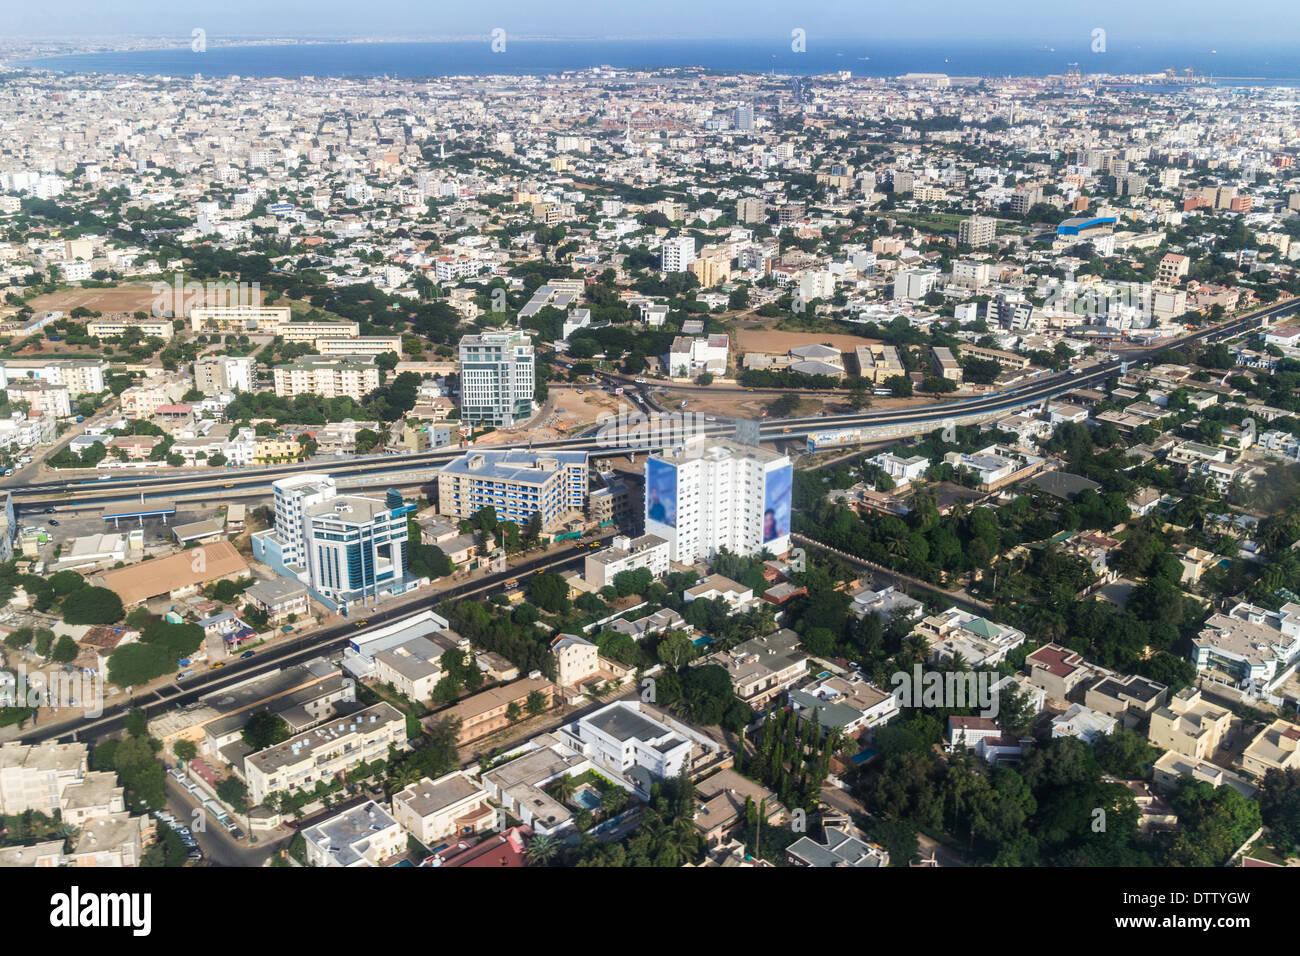 Vista aérea de la ciudad de Dakar, Senegal, mostrando los edificios densamente empaquetados y una carretera Imagen De Stock